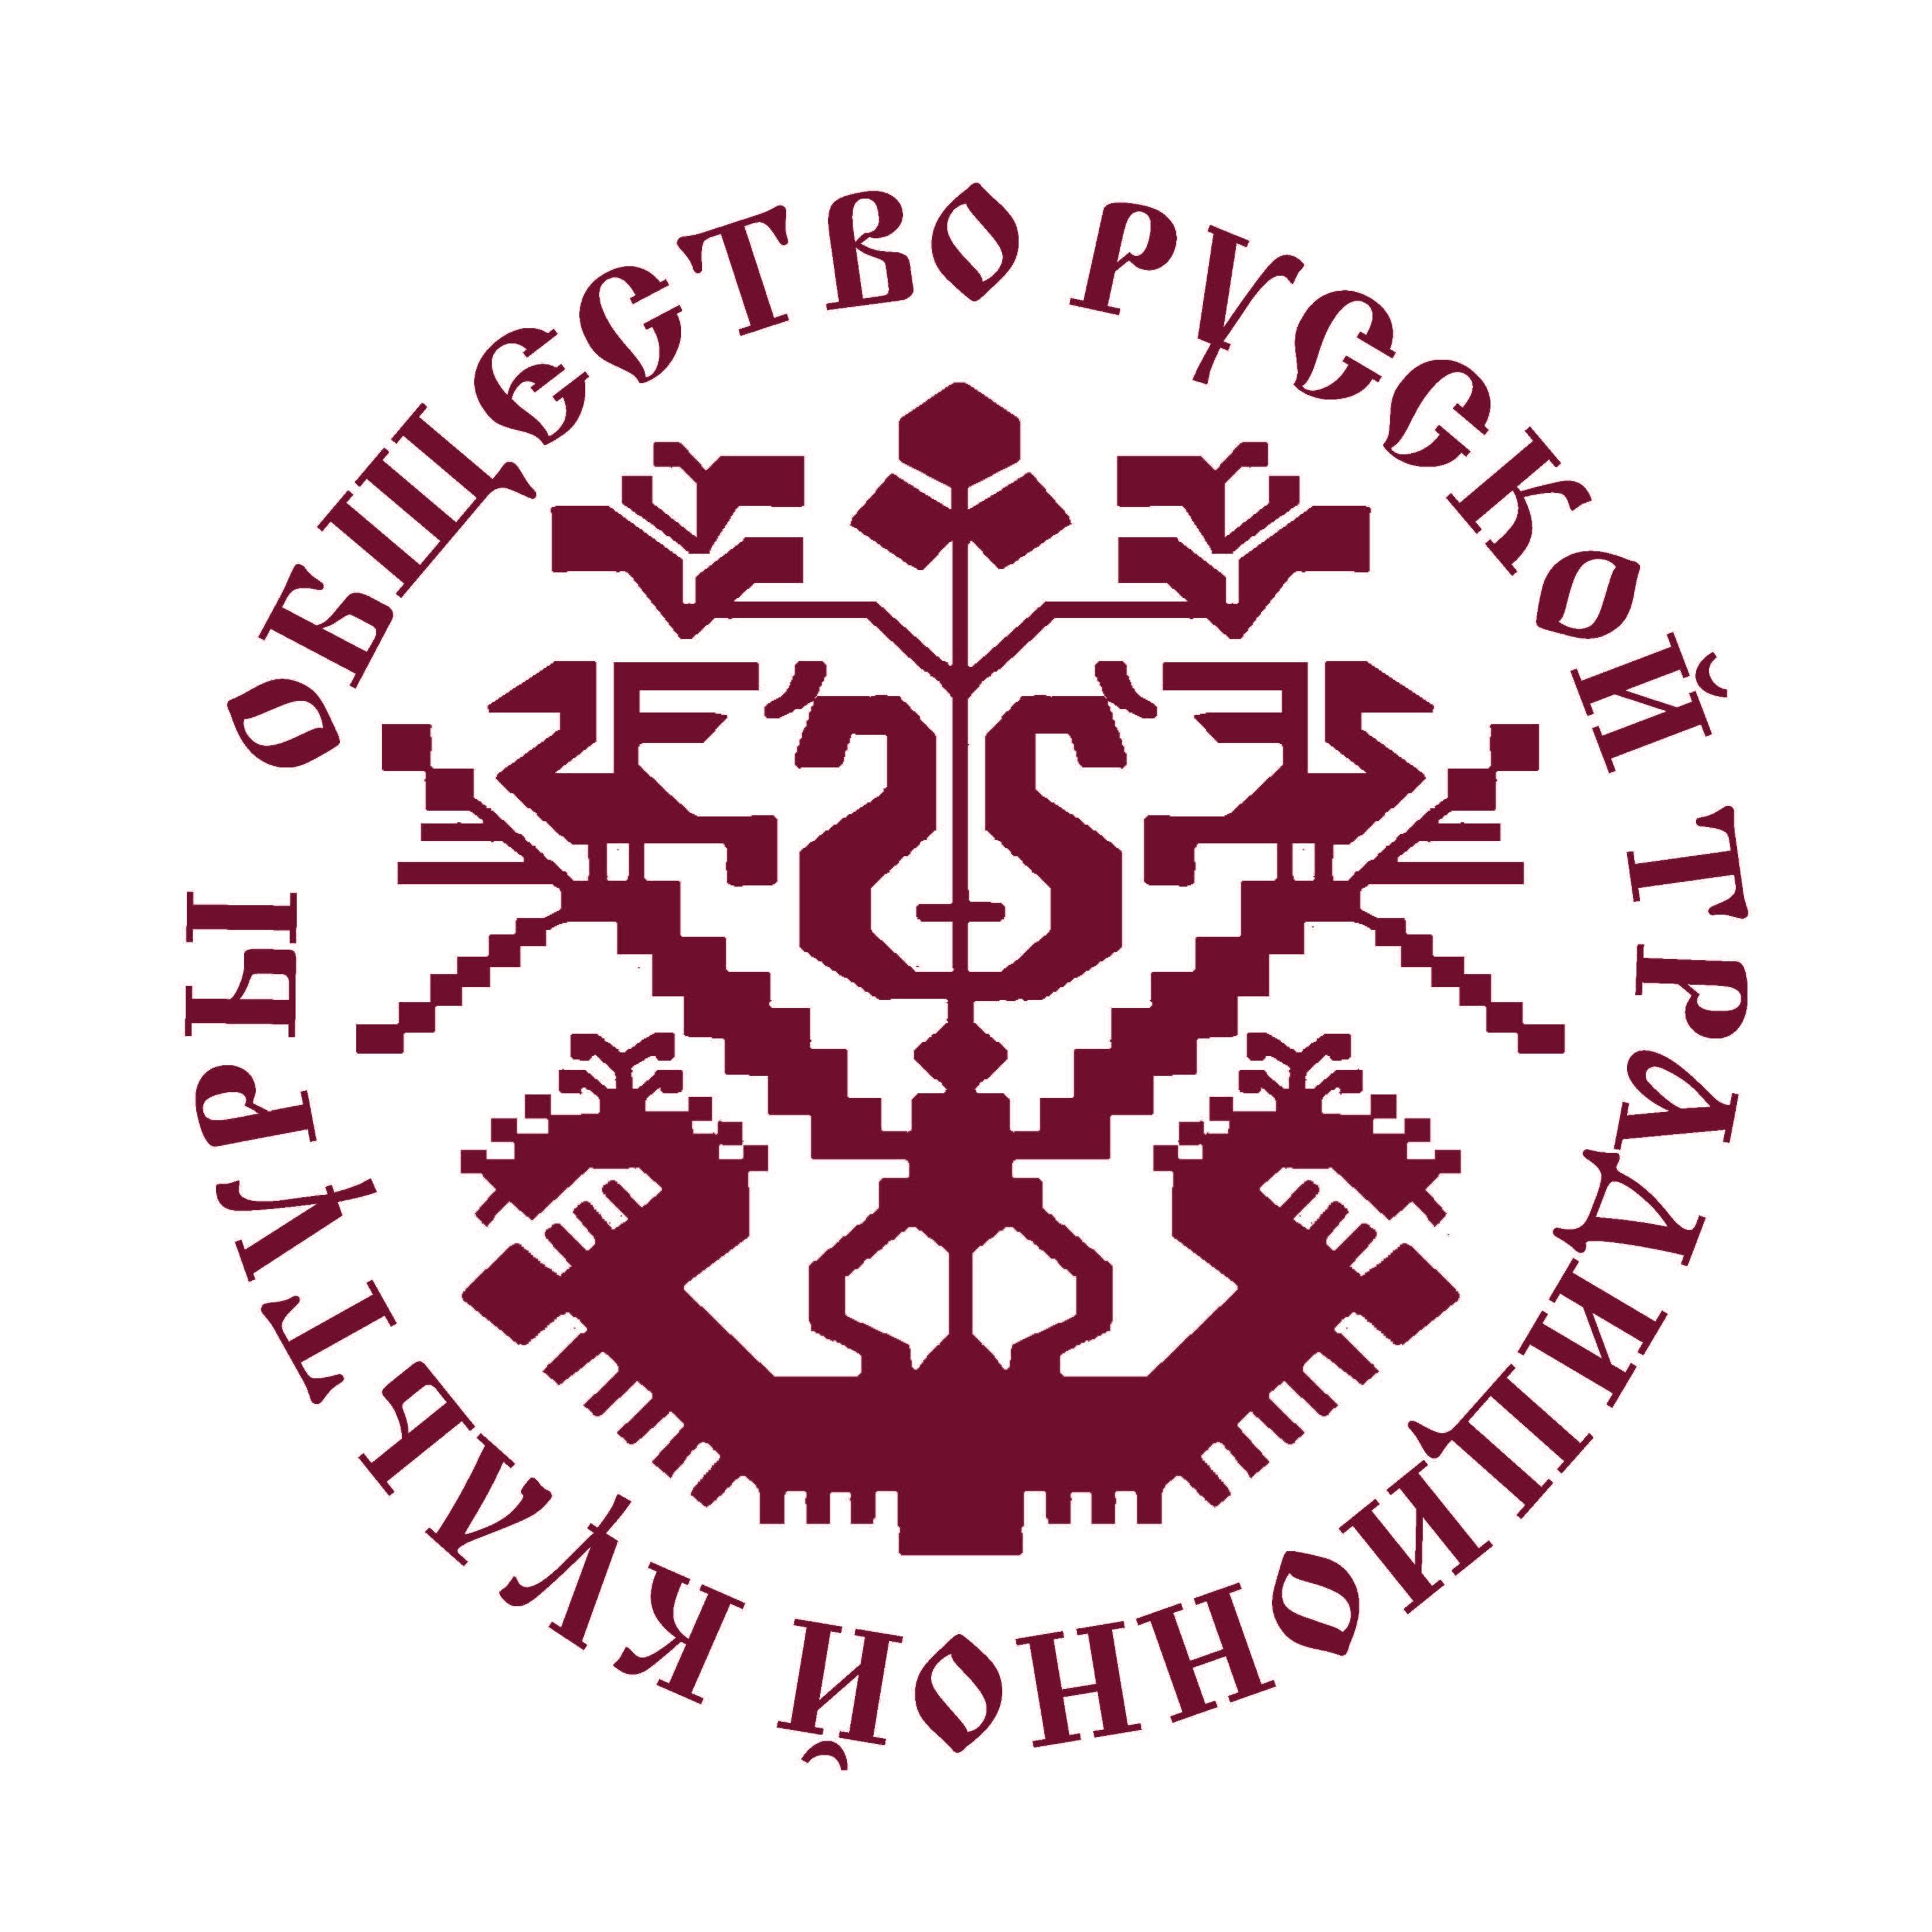 o6wectbo-pycckon-tpadnunohhon-kyjibtypbi